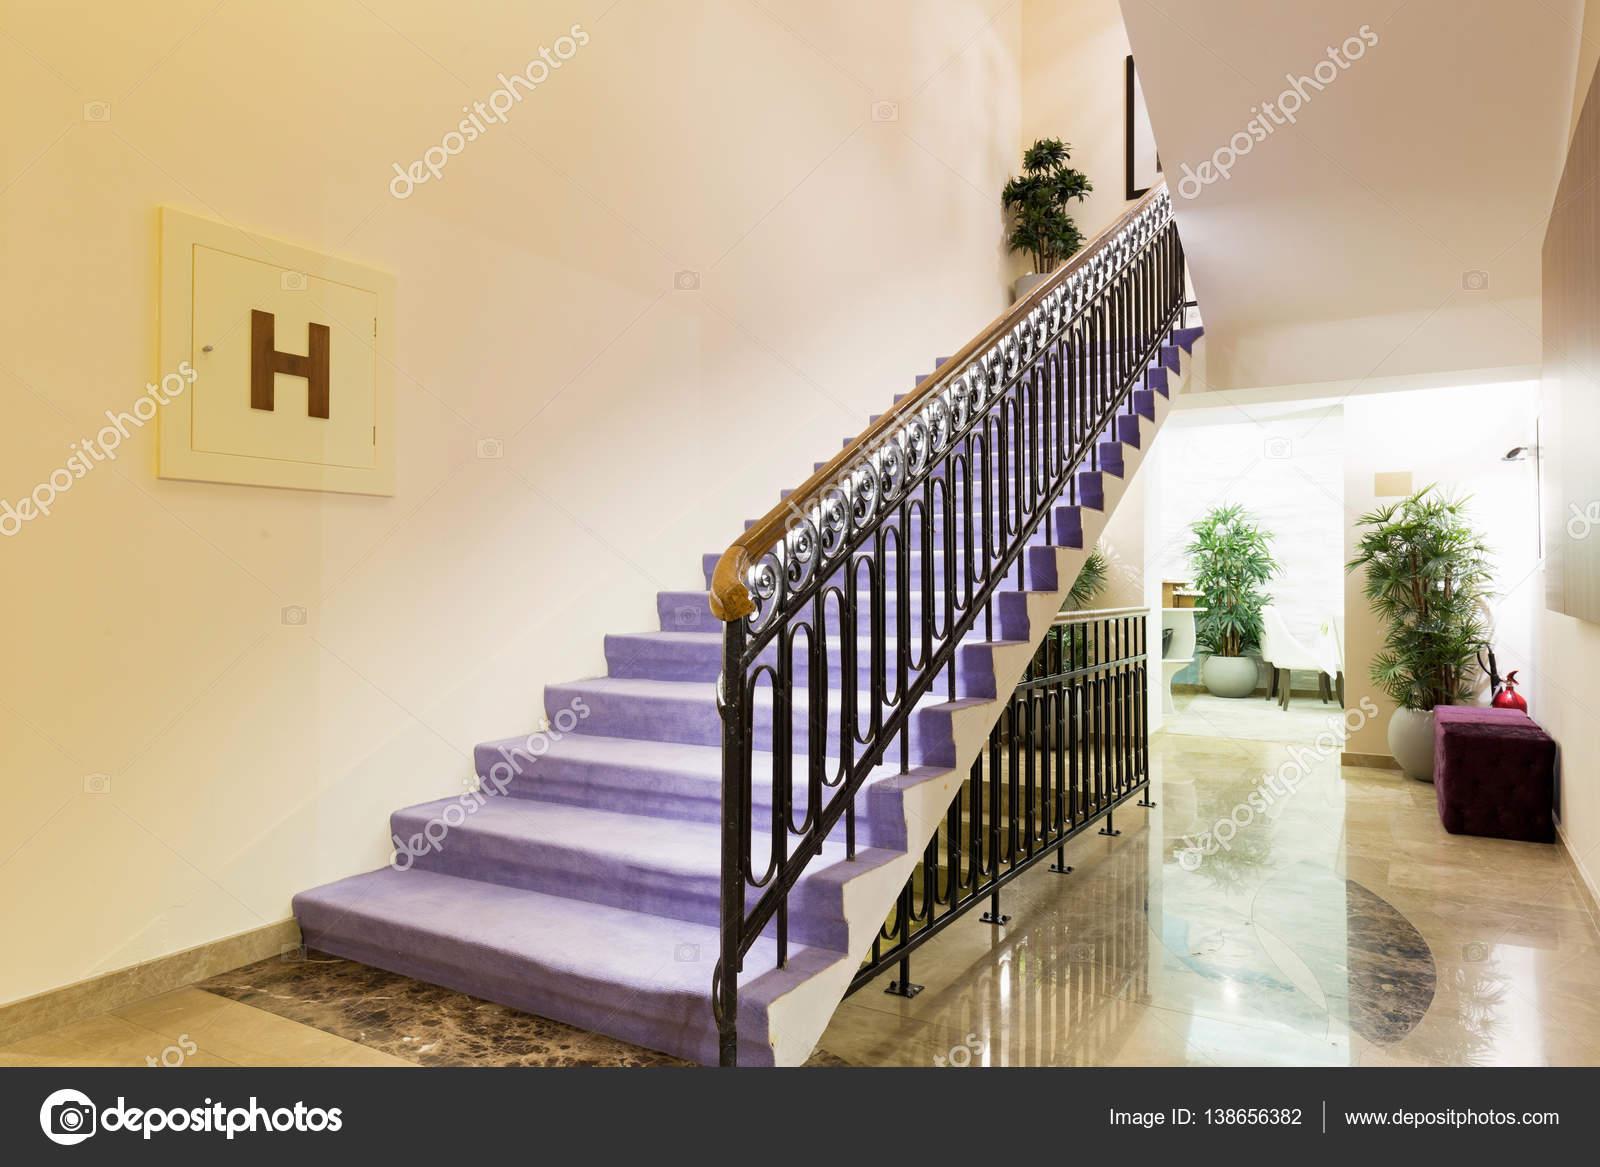 Treppen Design mehrfamilienhaus-treppen-design — stockfoto © rilueda #138656382